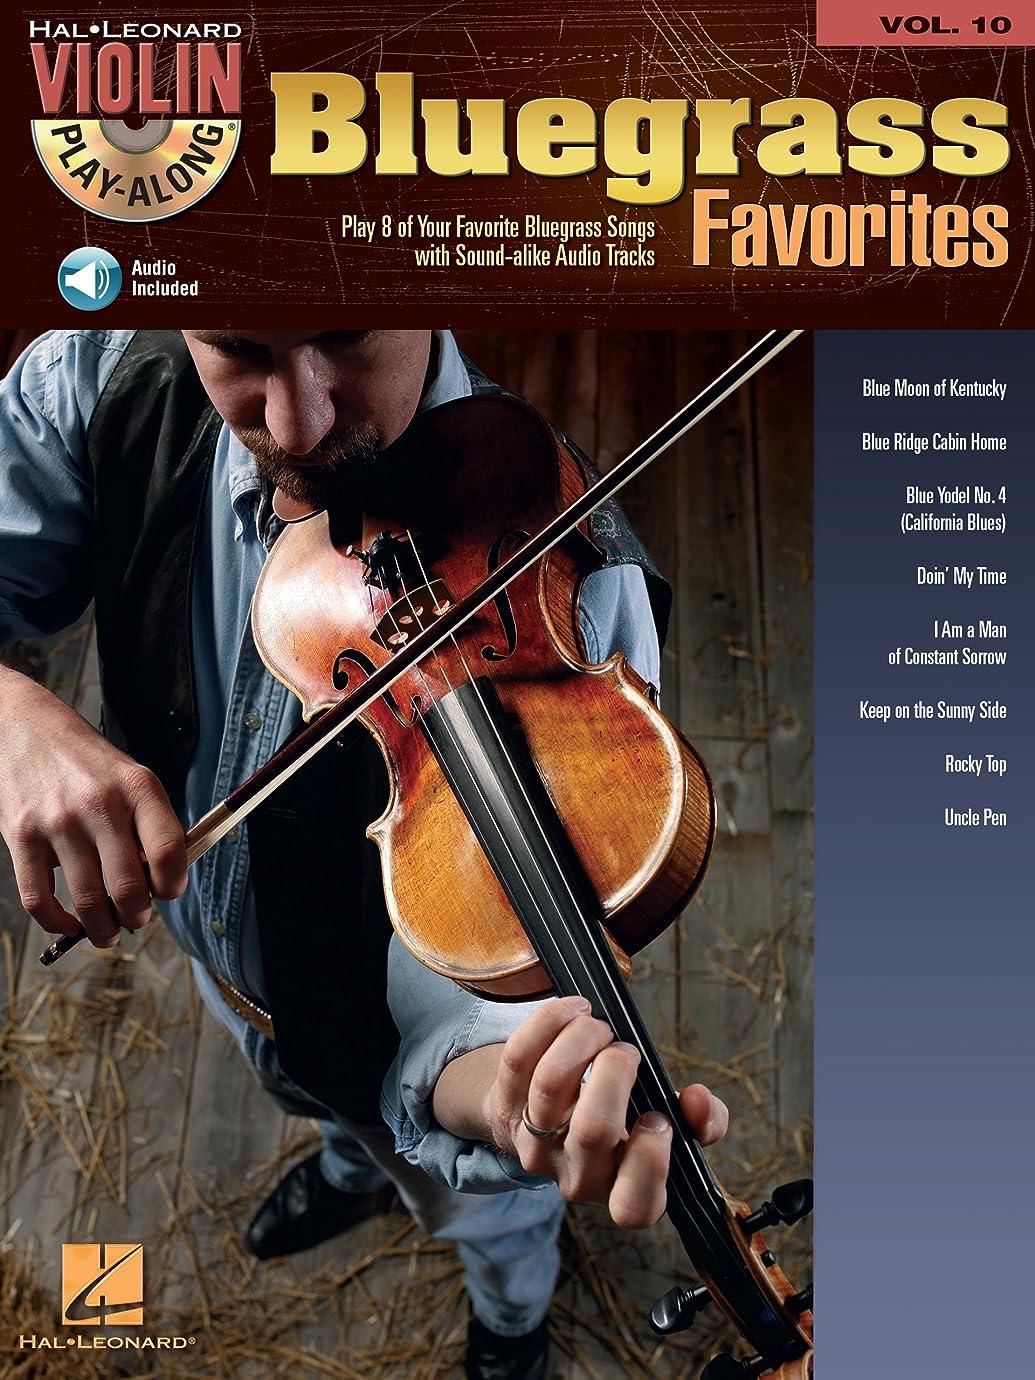 熟考する倫理的ポータルBluegrass Favorites: Violin Play-Along Volume 10 (Hal Leonard Violin Play-Along) (English Edition)